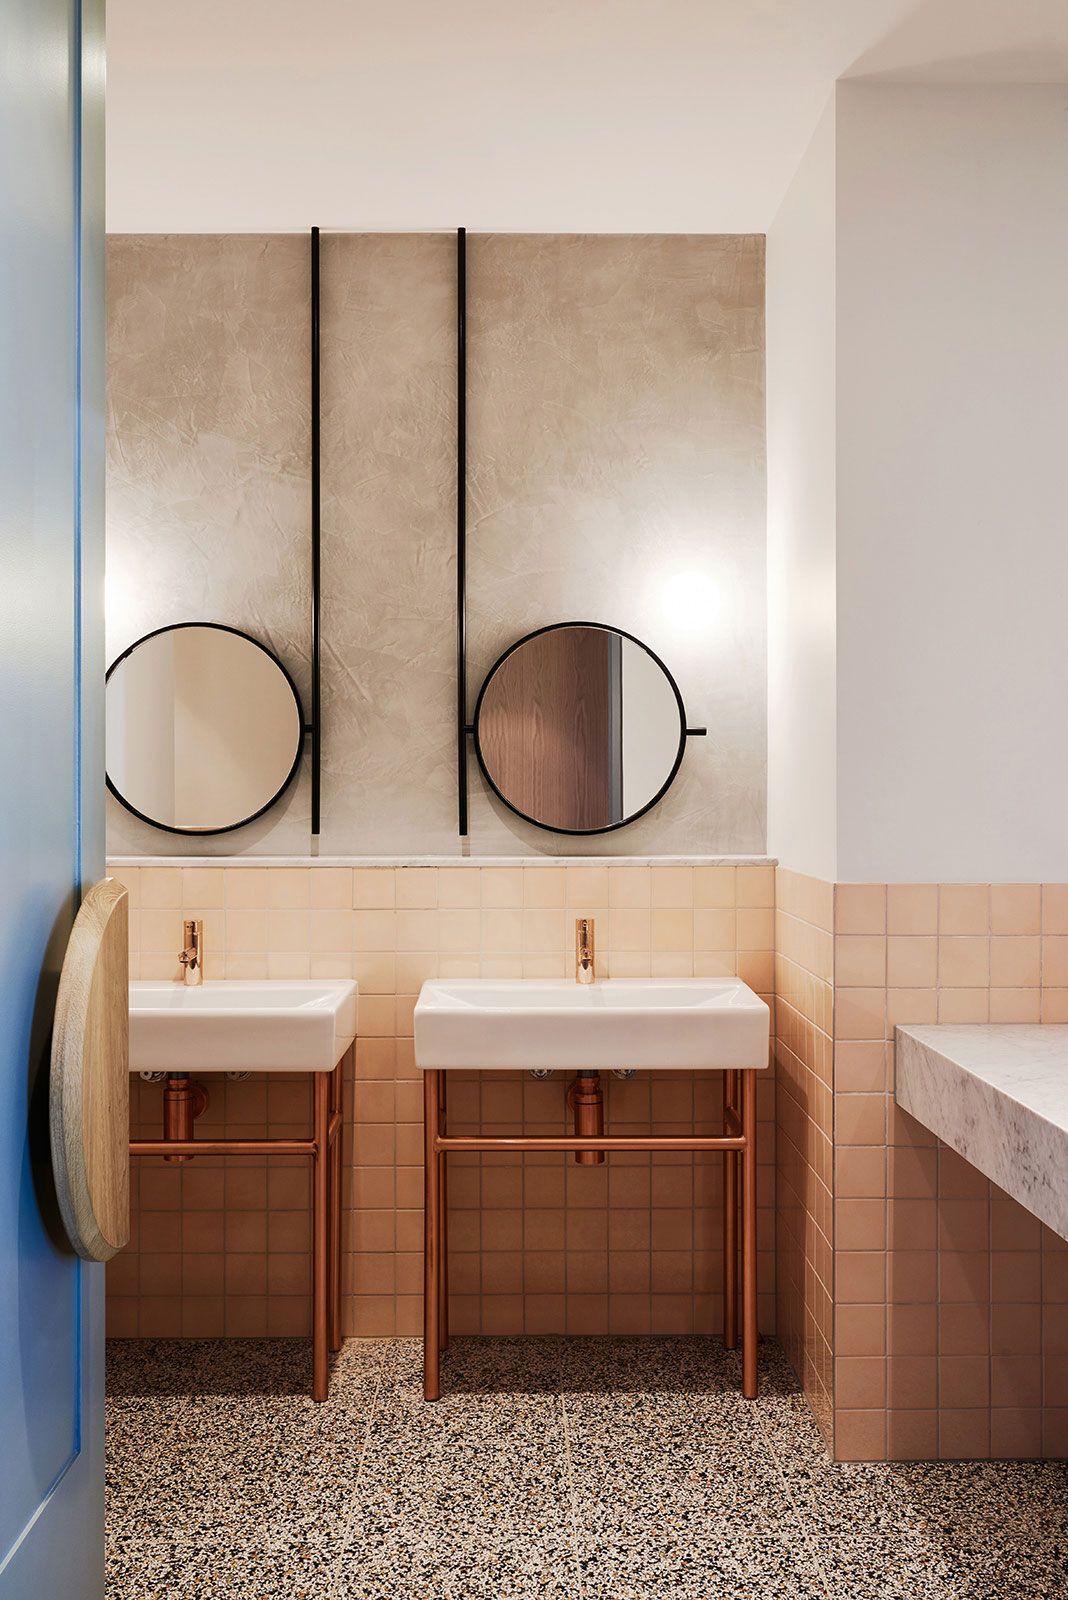 despensas interiores proyectos bao de cobre espejo del bao melbourne caf espejo circular lavabo washroom